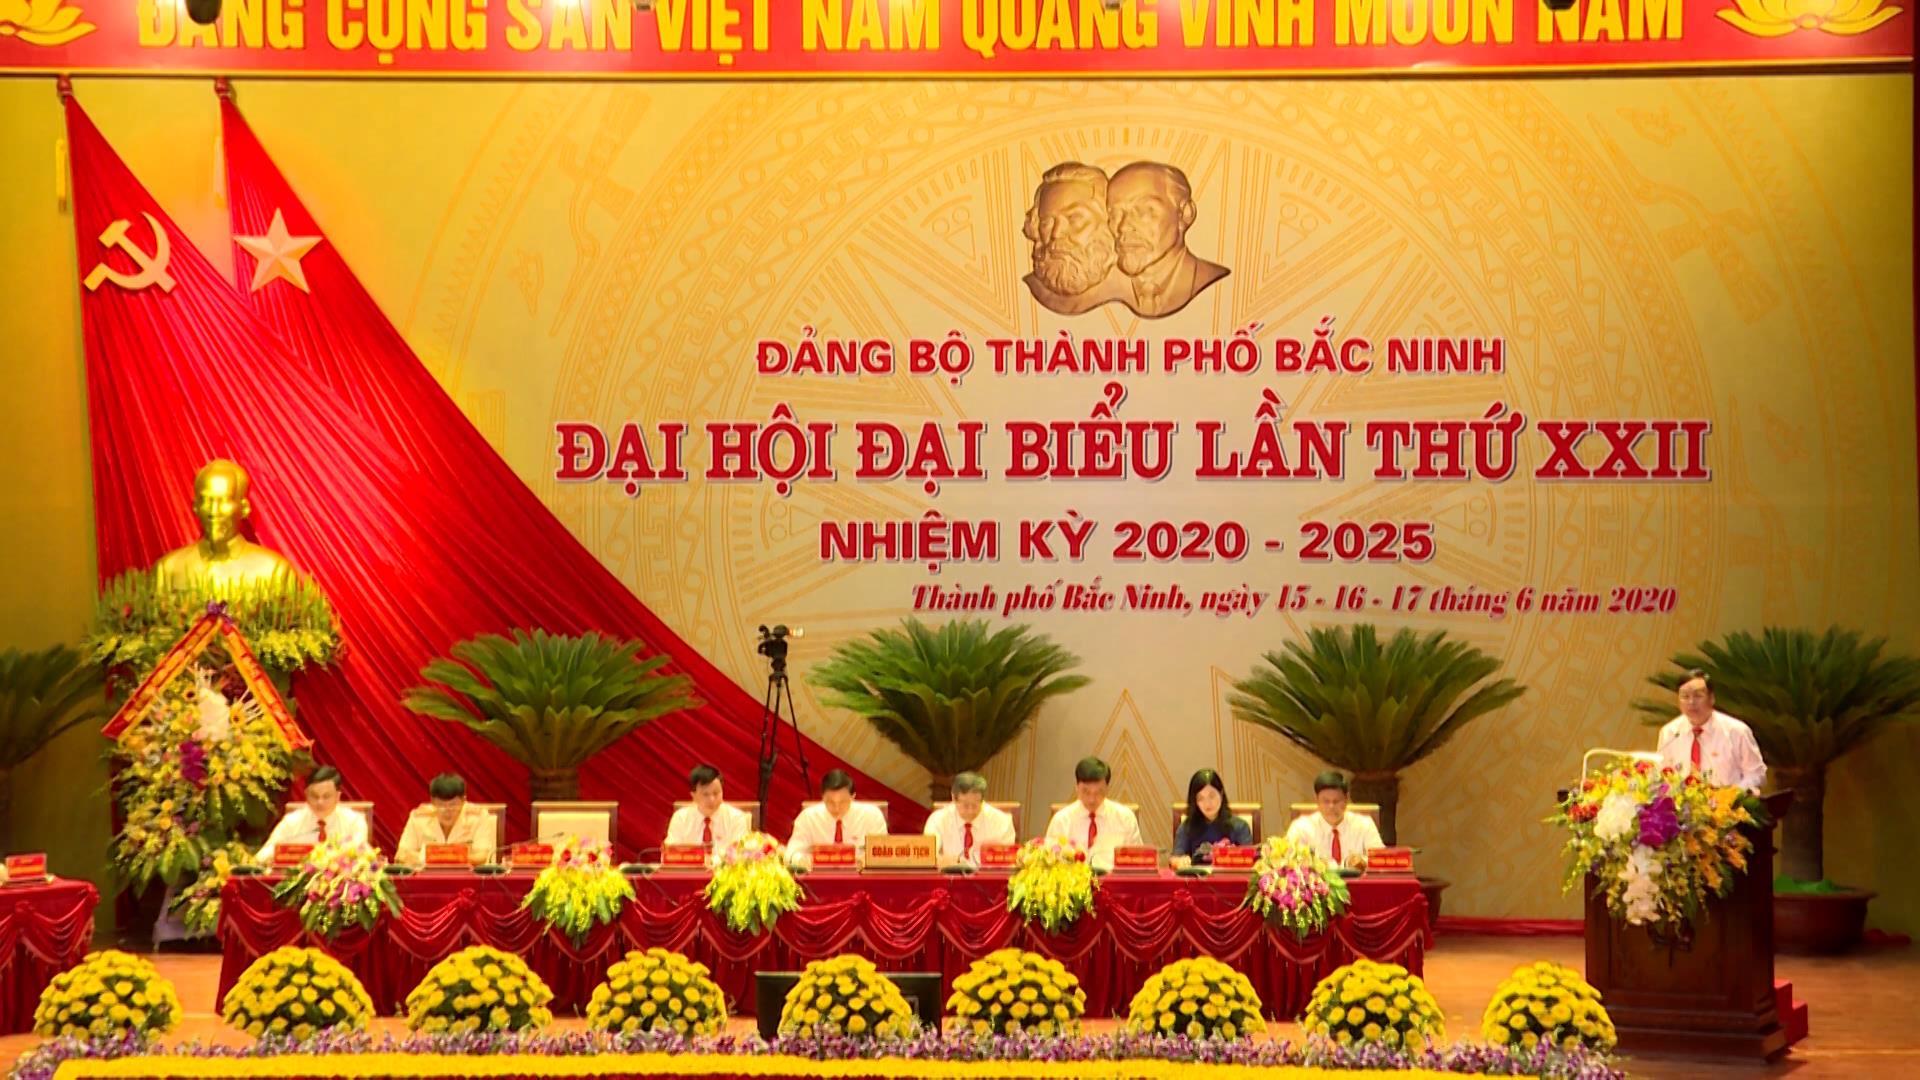 Phiên thứ nhất Đại hội Đảng bộ thành phố Bắc Ninh lần thứ XXII